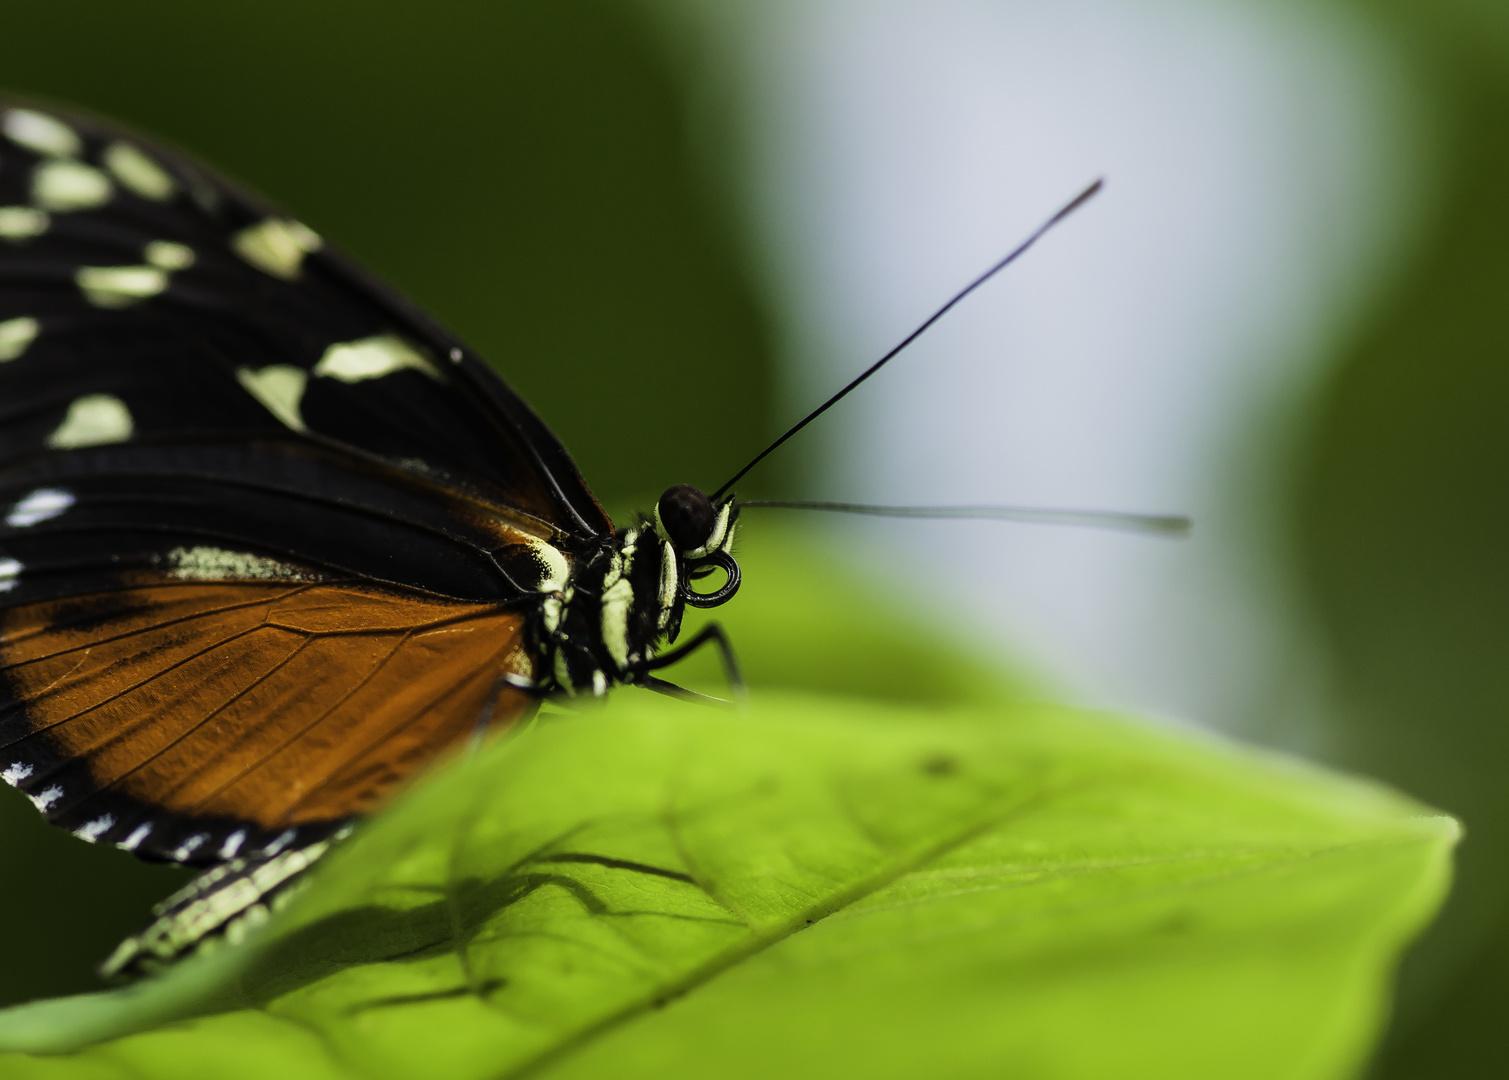 Tiger-Passionsfalter (Heliconius ismenius) - I